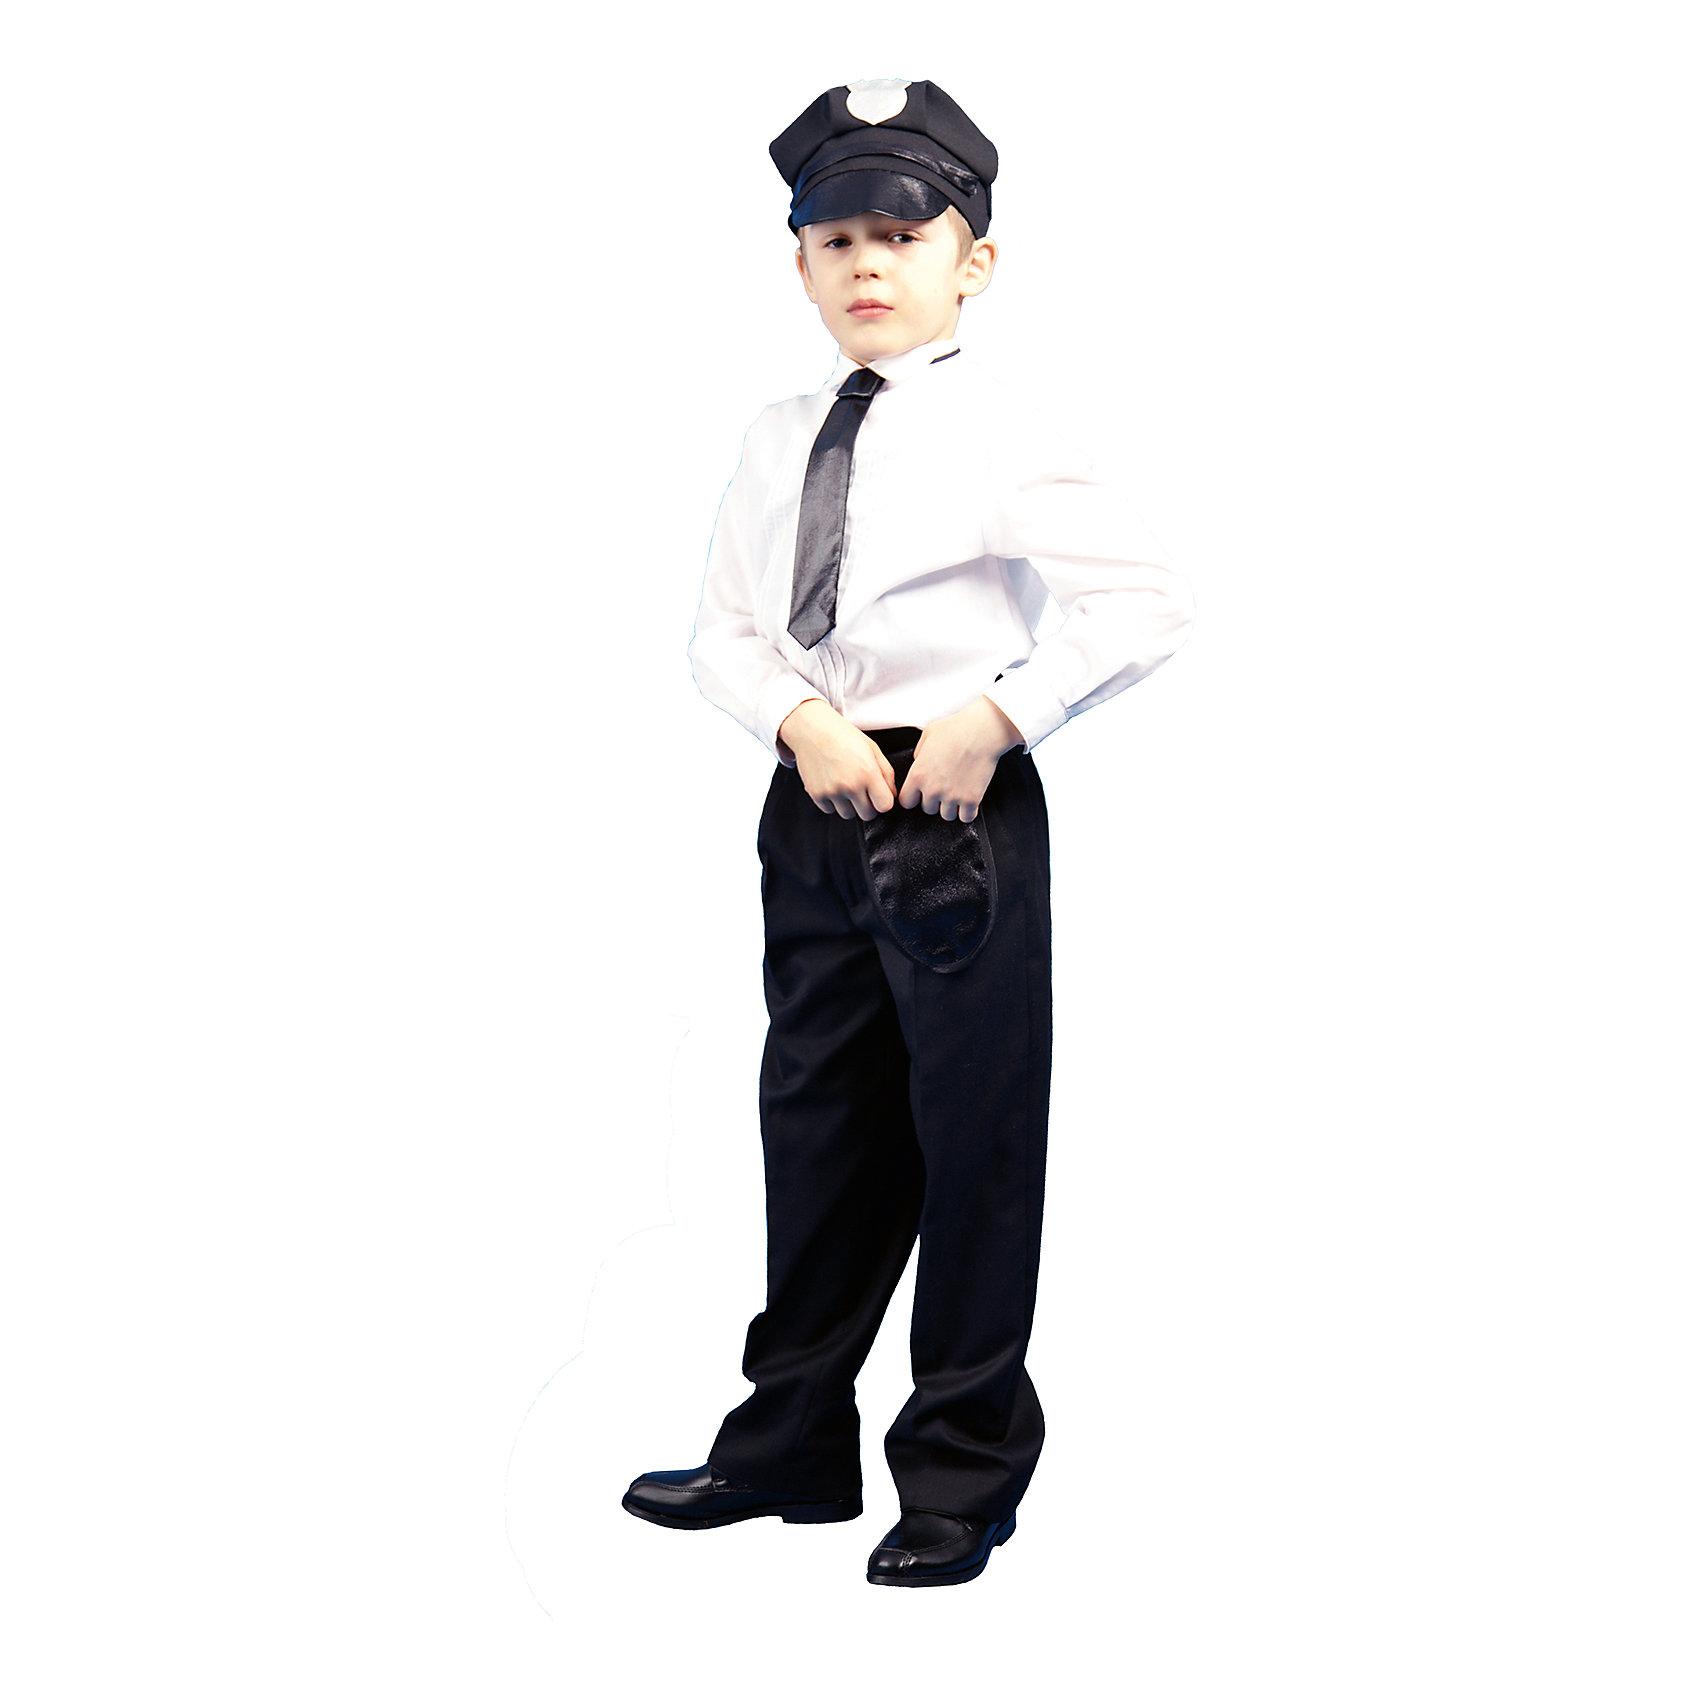 Карнавальный костюм Полицейский, ВестификаКарнавальный костюм Полицейский разработан специально для детей. Он отлично подходит для ролевых игр дома и для праздников в детским саду. Костюм Полицейского состоит из шапки, выполненной из габардина, кобуры и галстука на резинке. На шапку нанесена аппликация из парчи в виде звезды. Костюм желательно дополнить белой рубашкой, черными брюками или джинсами, черными ботинками.<br><br>Дополнительная информация:<br><br>В комплект входит: Кепка, галстук, кобура.<br>Материал габардин (100% полиэстер)<br>Рекомендуется для детей старше 3-х лет для кратковременного ношения. <br>Срок службы 5 лет при аккуратном ношении. <br>Способ ухода за изделием: ручная стирка при температуре 30 С° с применением нейтральных моющих средств. <br>Не отжимать. <br>Не сушить в машине. <br>Гладить при низкой температуре.<br><br>Карнавальный костюм Полицейский, Вестифика можно купить в нашем магазине.<br><br>Ширина мм: 236<br>Глубина мм: 16<br>Высота мм: 184<br>Вес г: 360<br>Цвет: разноцветный<br>Возраст от месяцев: 60<br>Возраст до месяцев: 84<br>Пол: Унисекс<br>Возраст: Детский<br>Размер: 116/122<br>SKU: 4528619